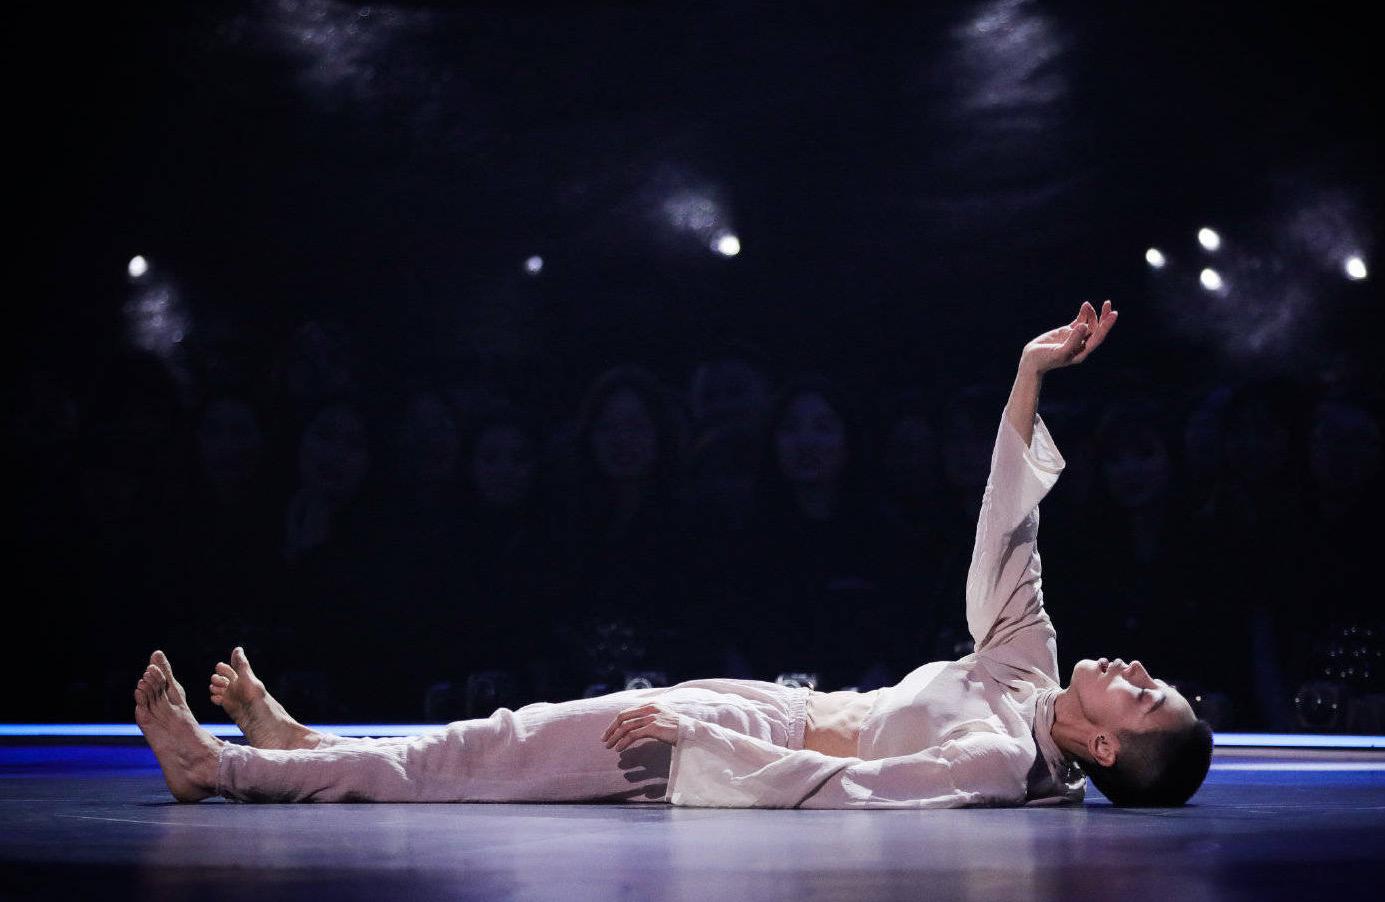 娱塘Video丨参加《舞蹈风暴2》,谢欣:用舞蹈和身体打开更多世界